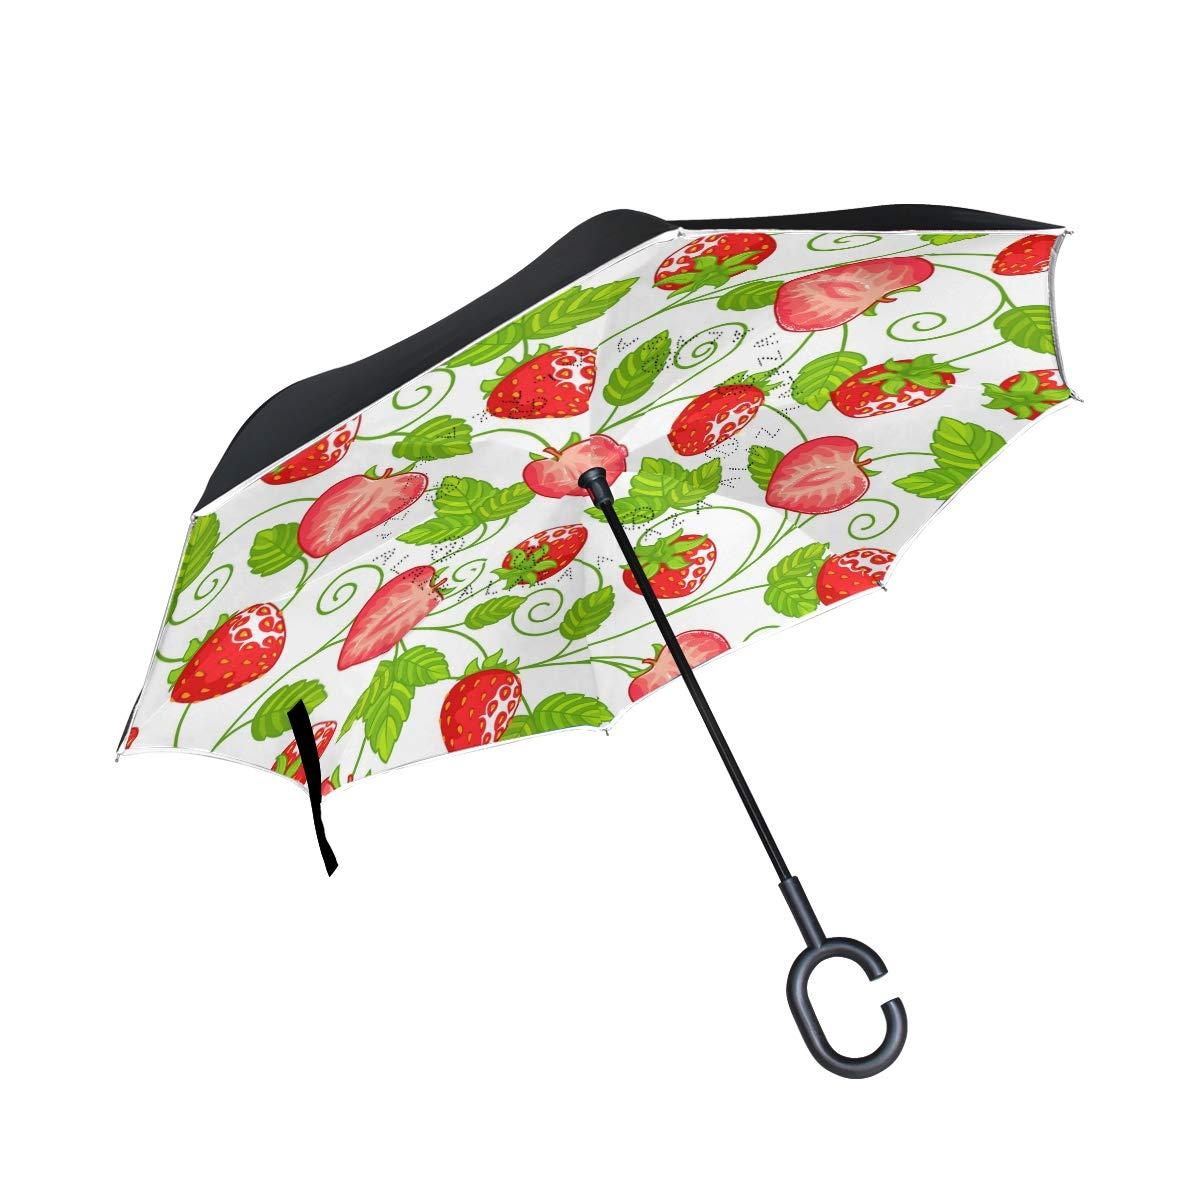 ALINLO inversé Parapluie Motif Fraise, Double Couche Envers Parapluie pour Voiture Pluie étanche d'extérieur avec poignée en Forme de C